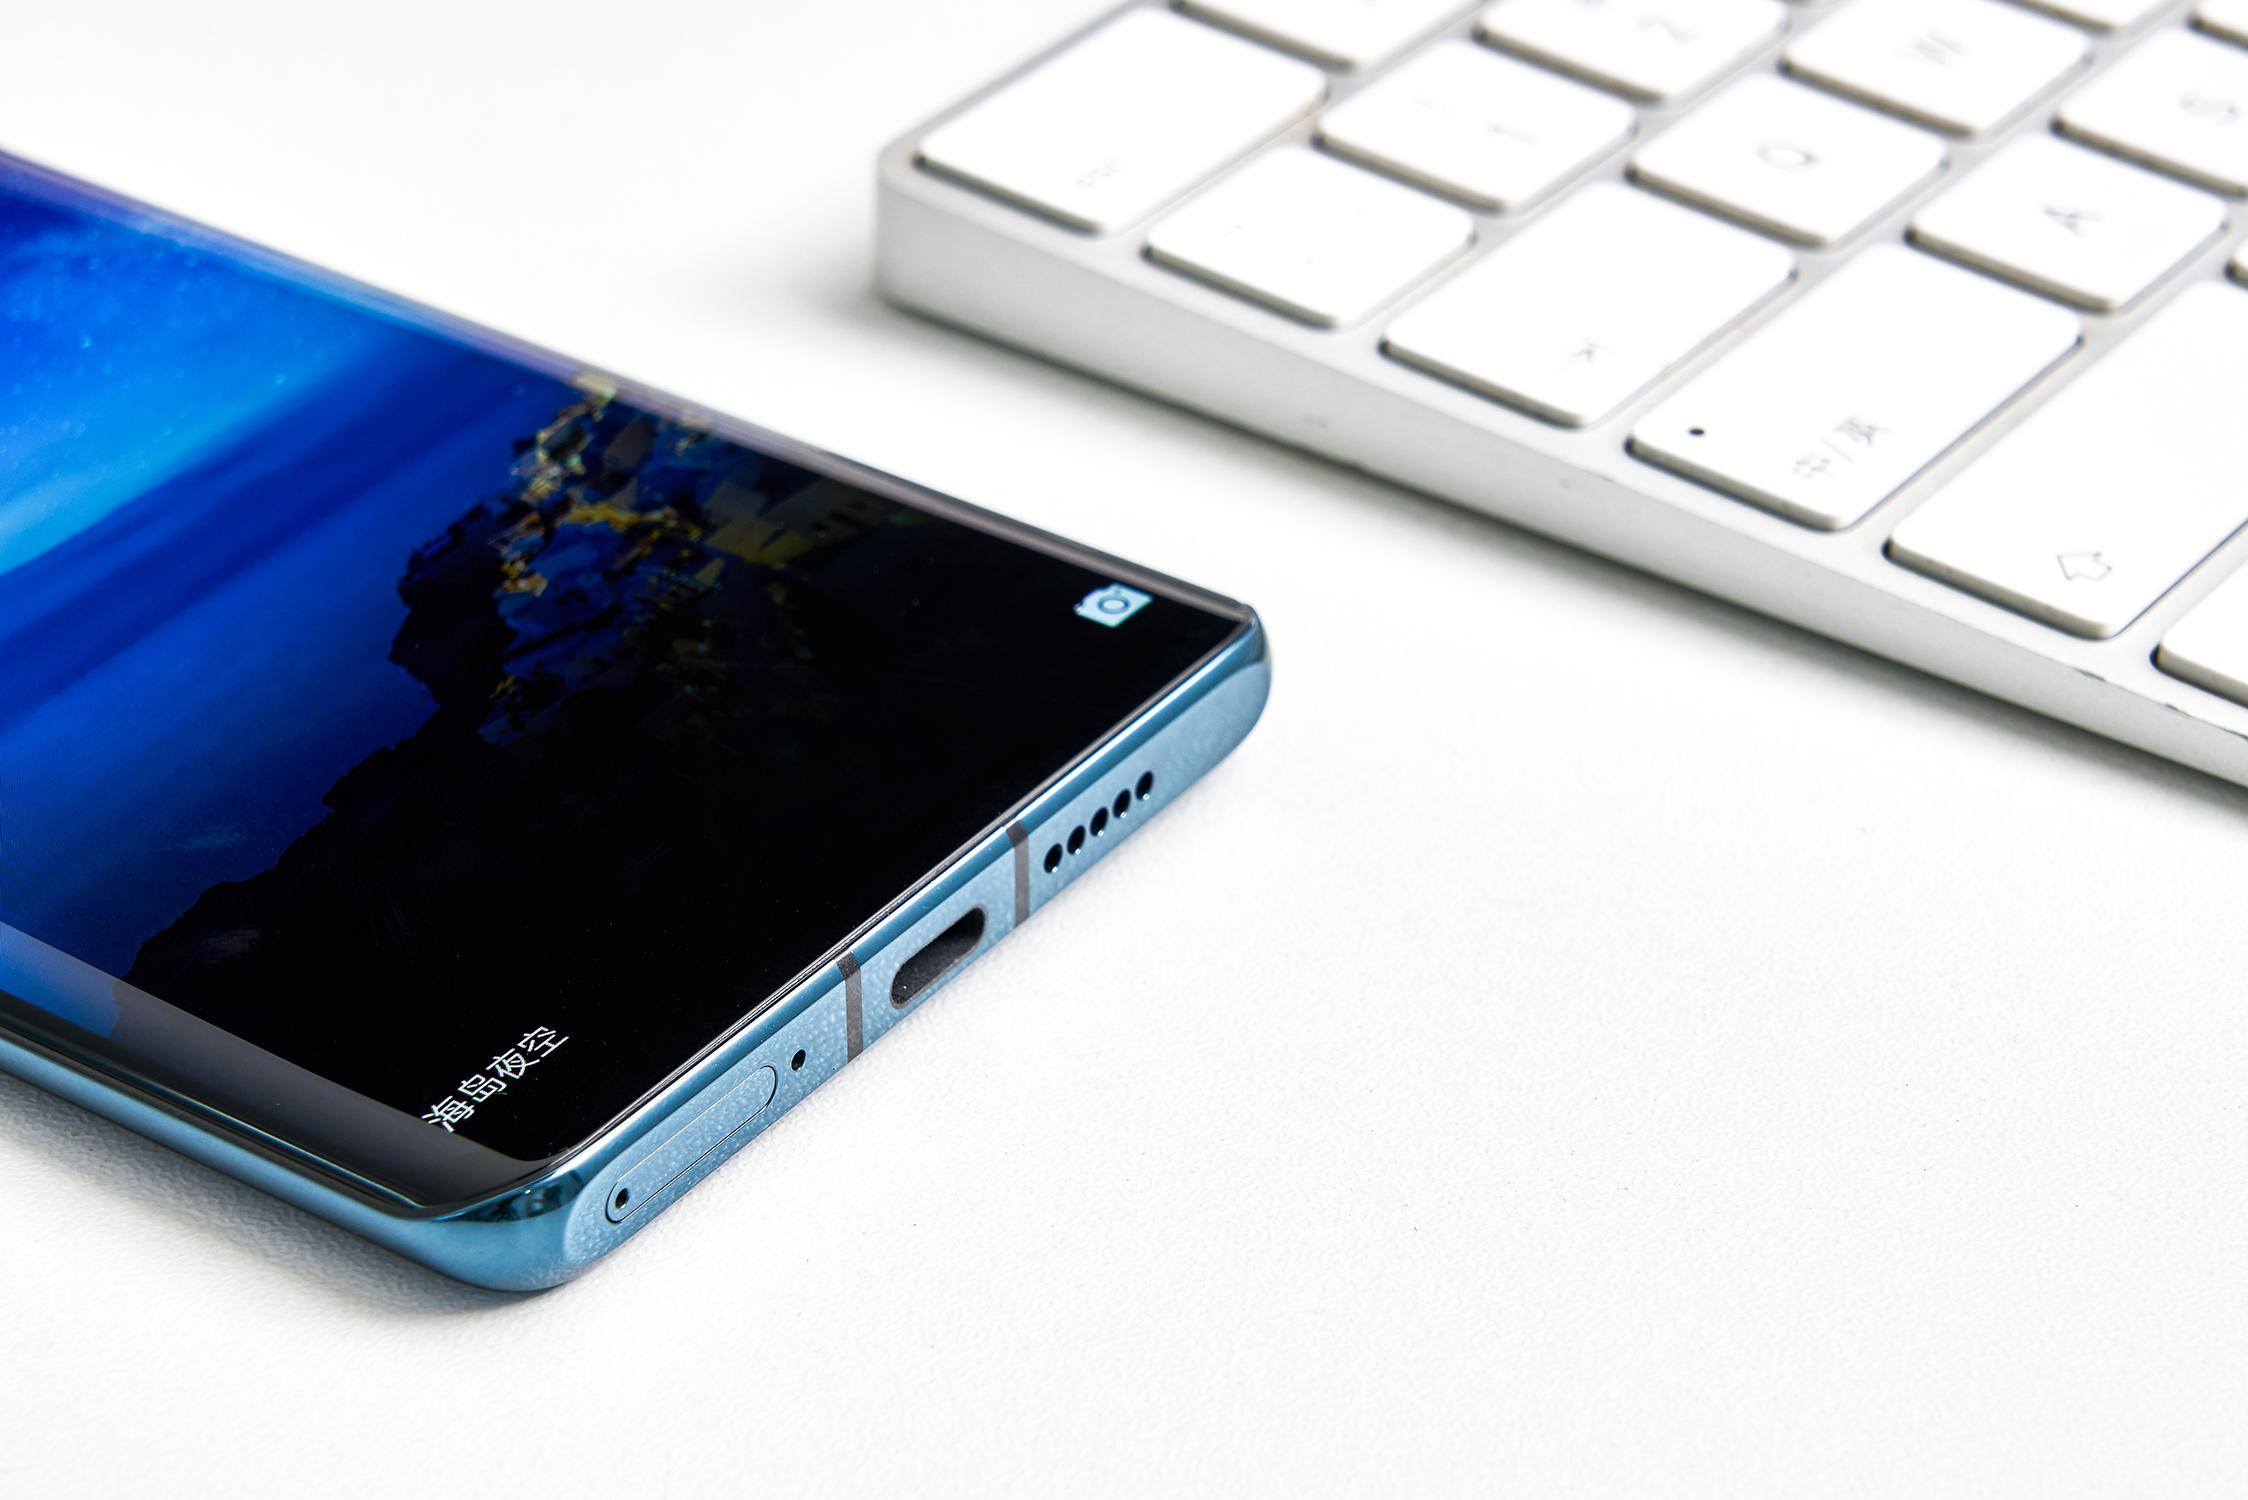 P30 Pro墨玉蓝图赏:拼接设计,率先支持EMUI10的照片 - 6